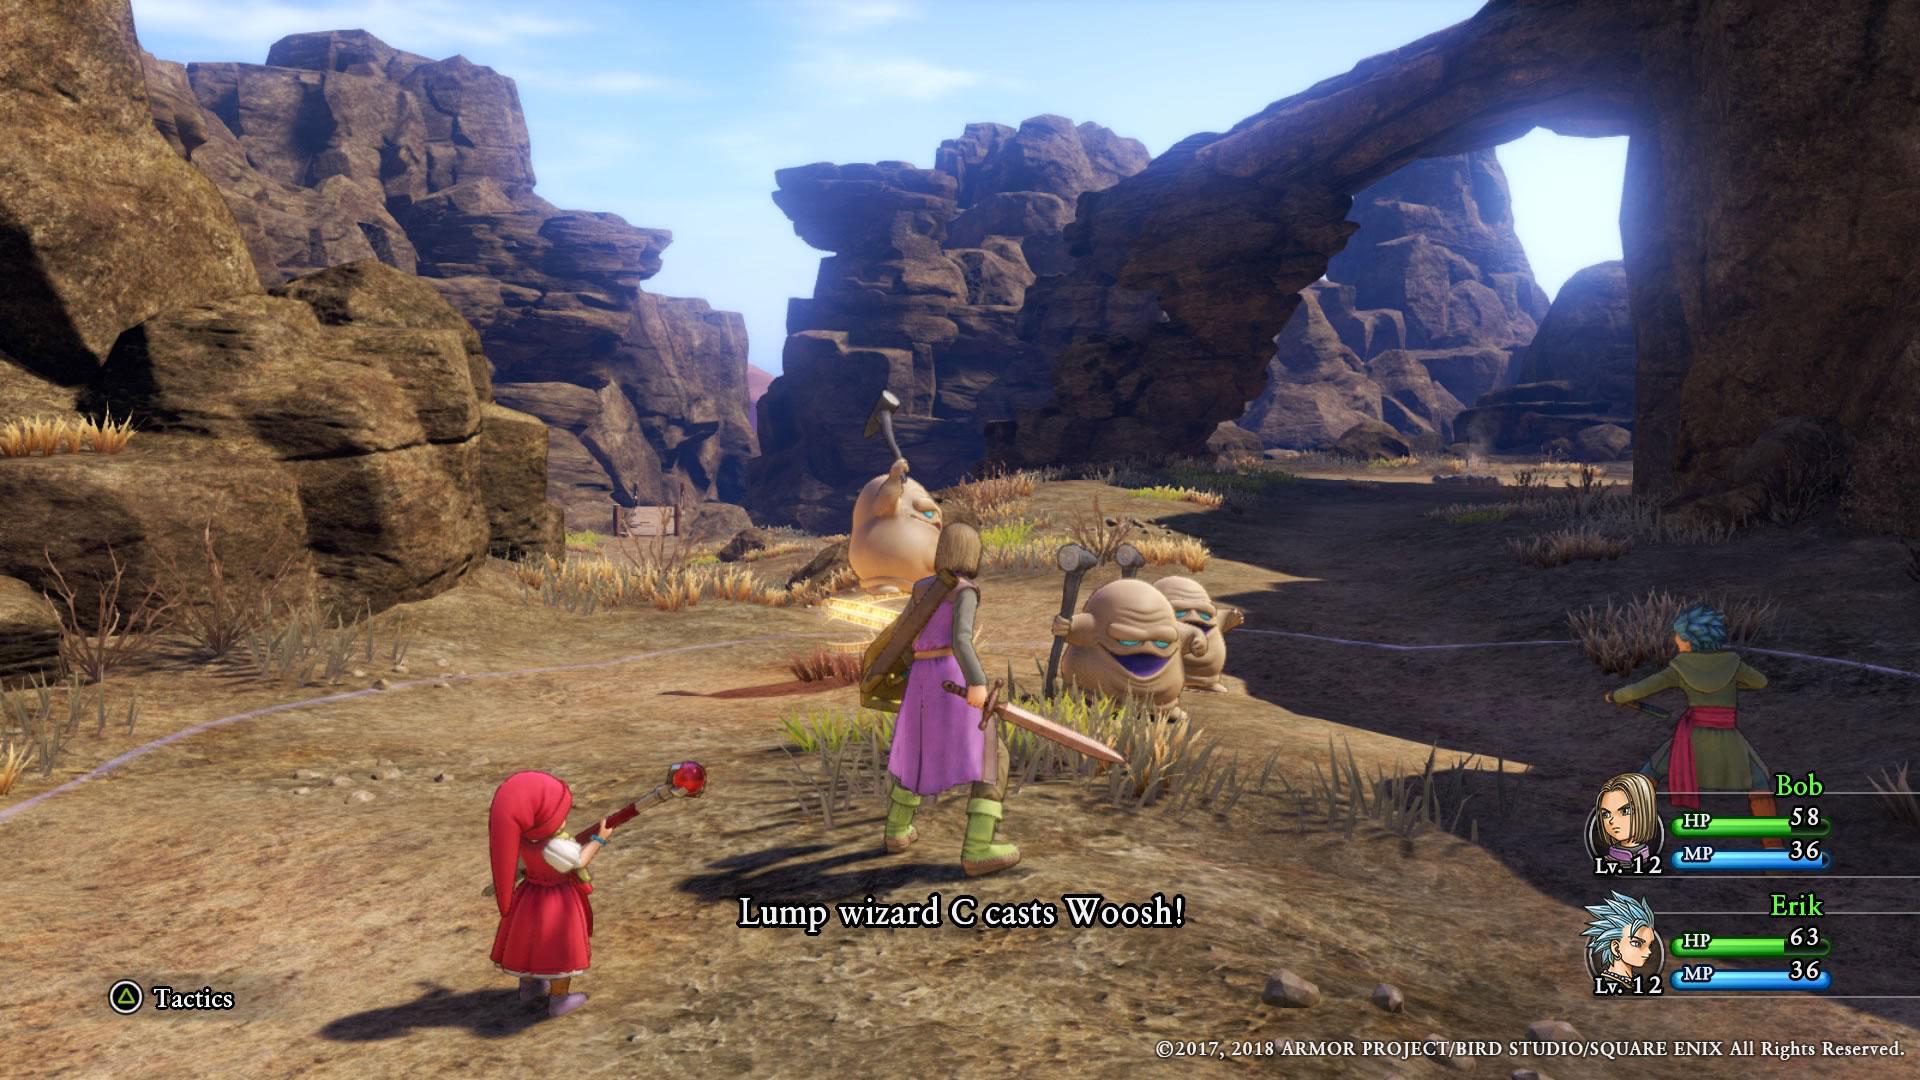 """Bei """"Streiter des Schicksals"""" sieht man die Monster schon vor dem Gefecht durch das Spiel-Terrain wuseln - doch wie Zufallskämpfe fühlen sie sich trotzdem an."""